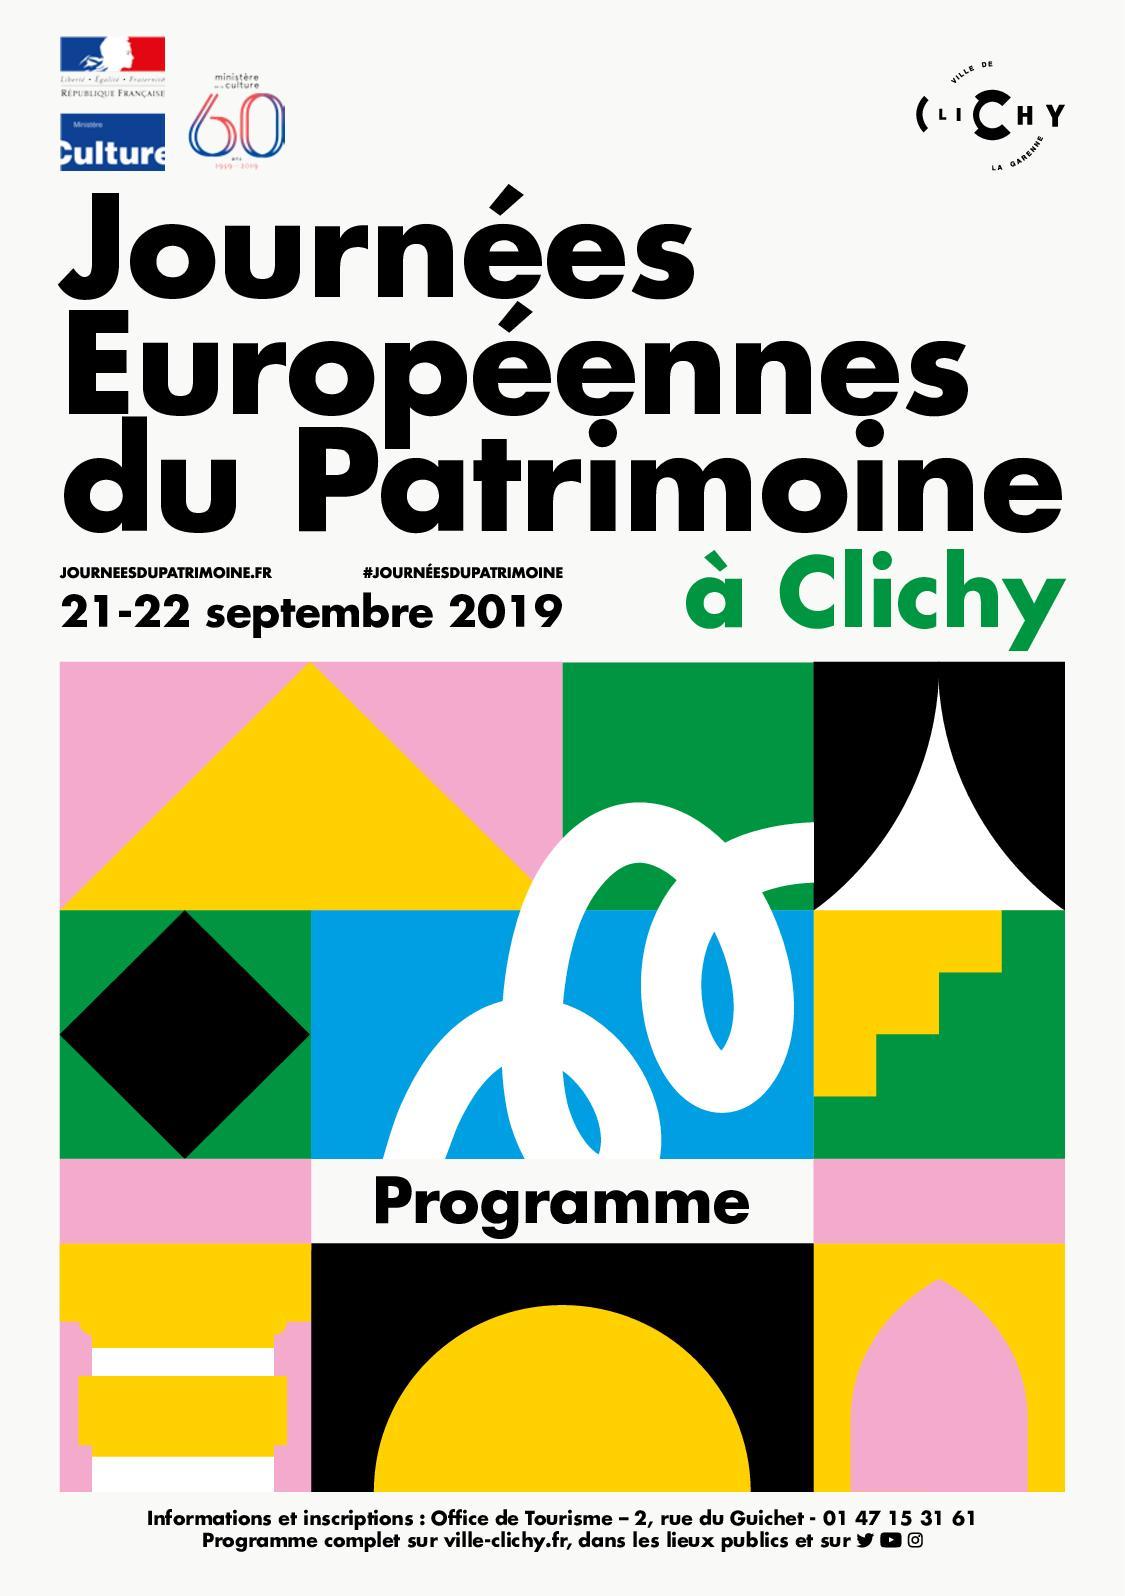 Calam o journ es patrimoine 2019 le programme - Office de tourisme de clichy ...